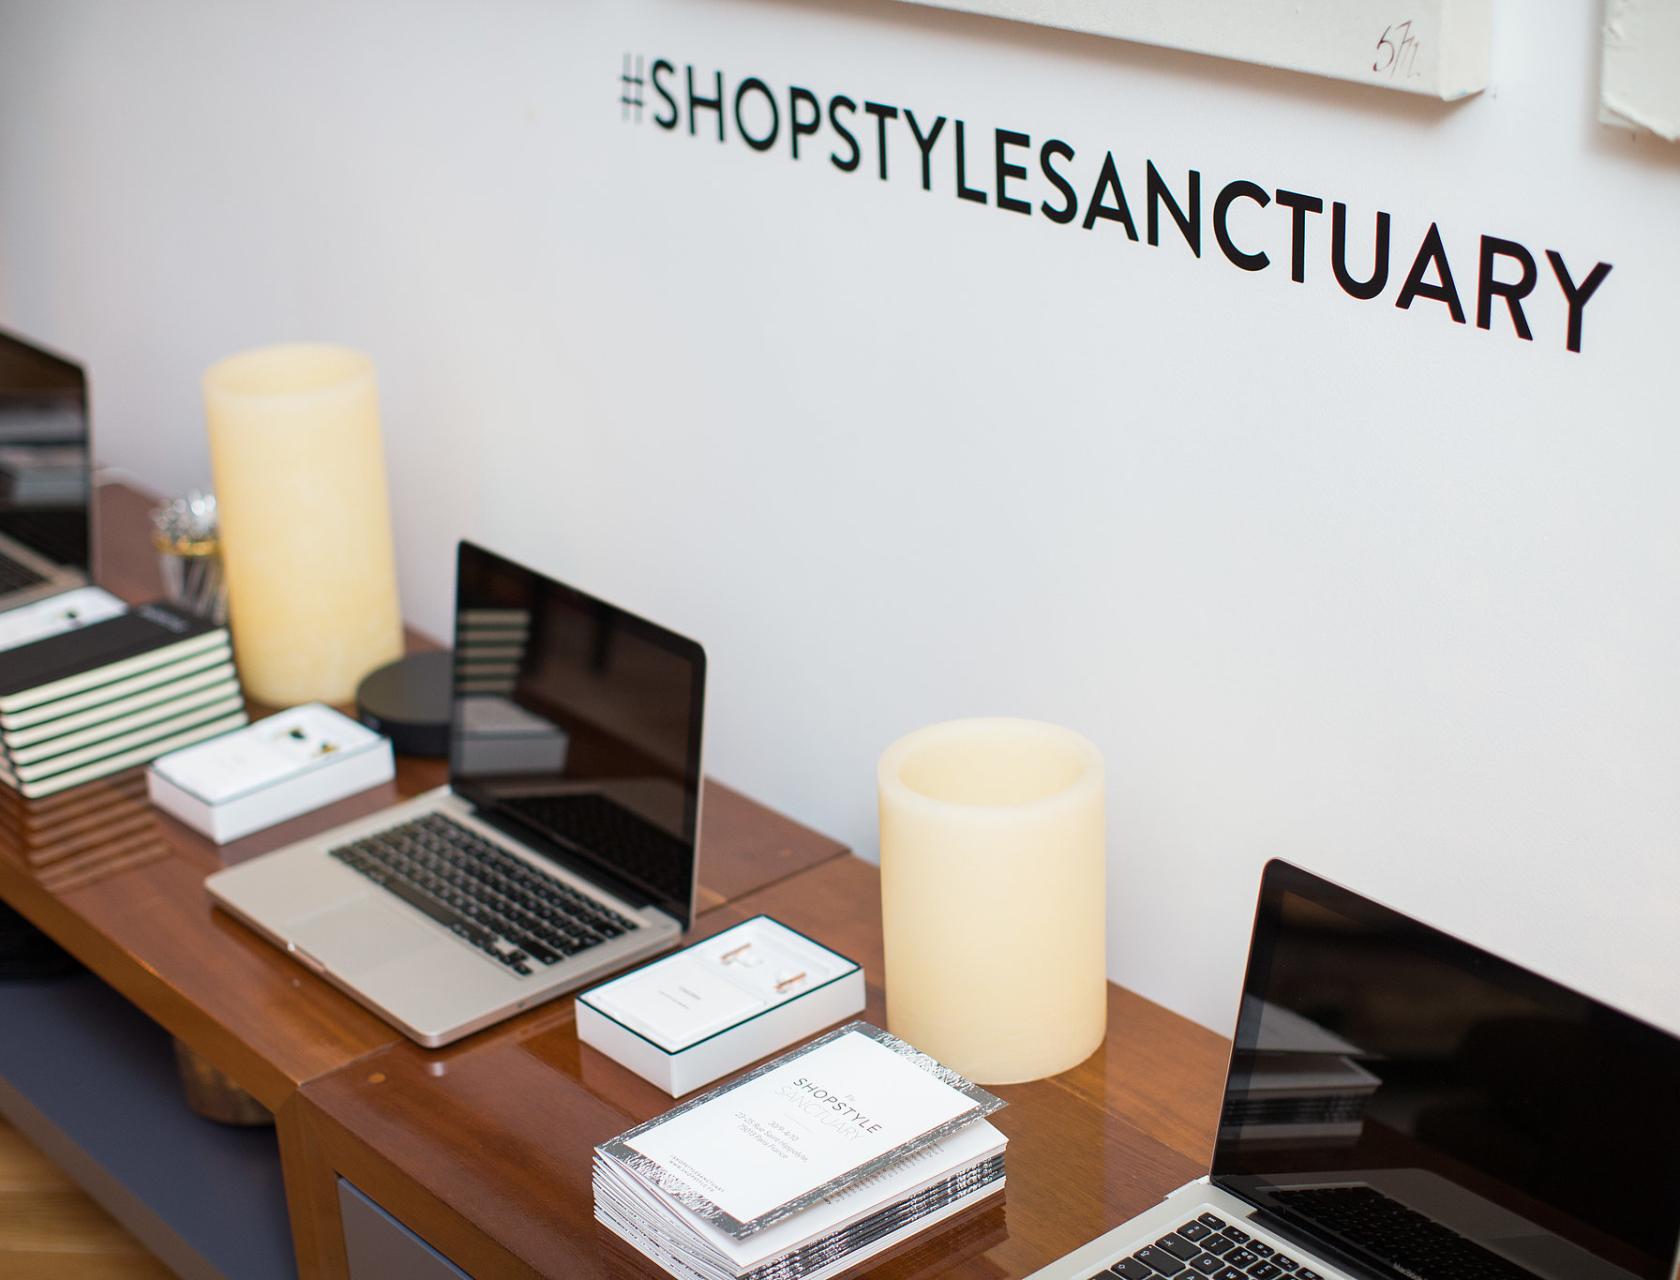 ShopStyle-Sanctuary-à-Paris_lamodecnous.com-la-mode-c-nous_livelamodecnous.com_live-la-mode-c-nous_lmcn_livelamodecnous_3